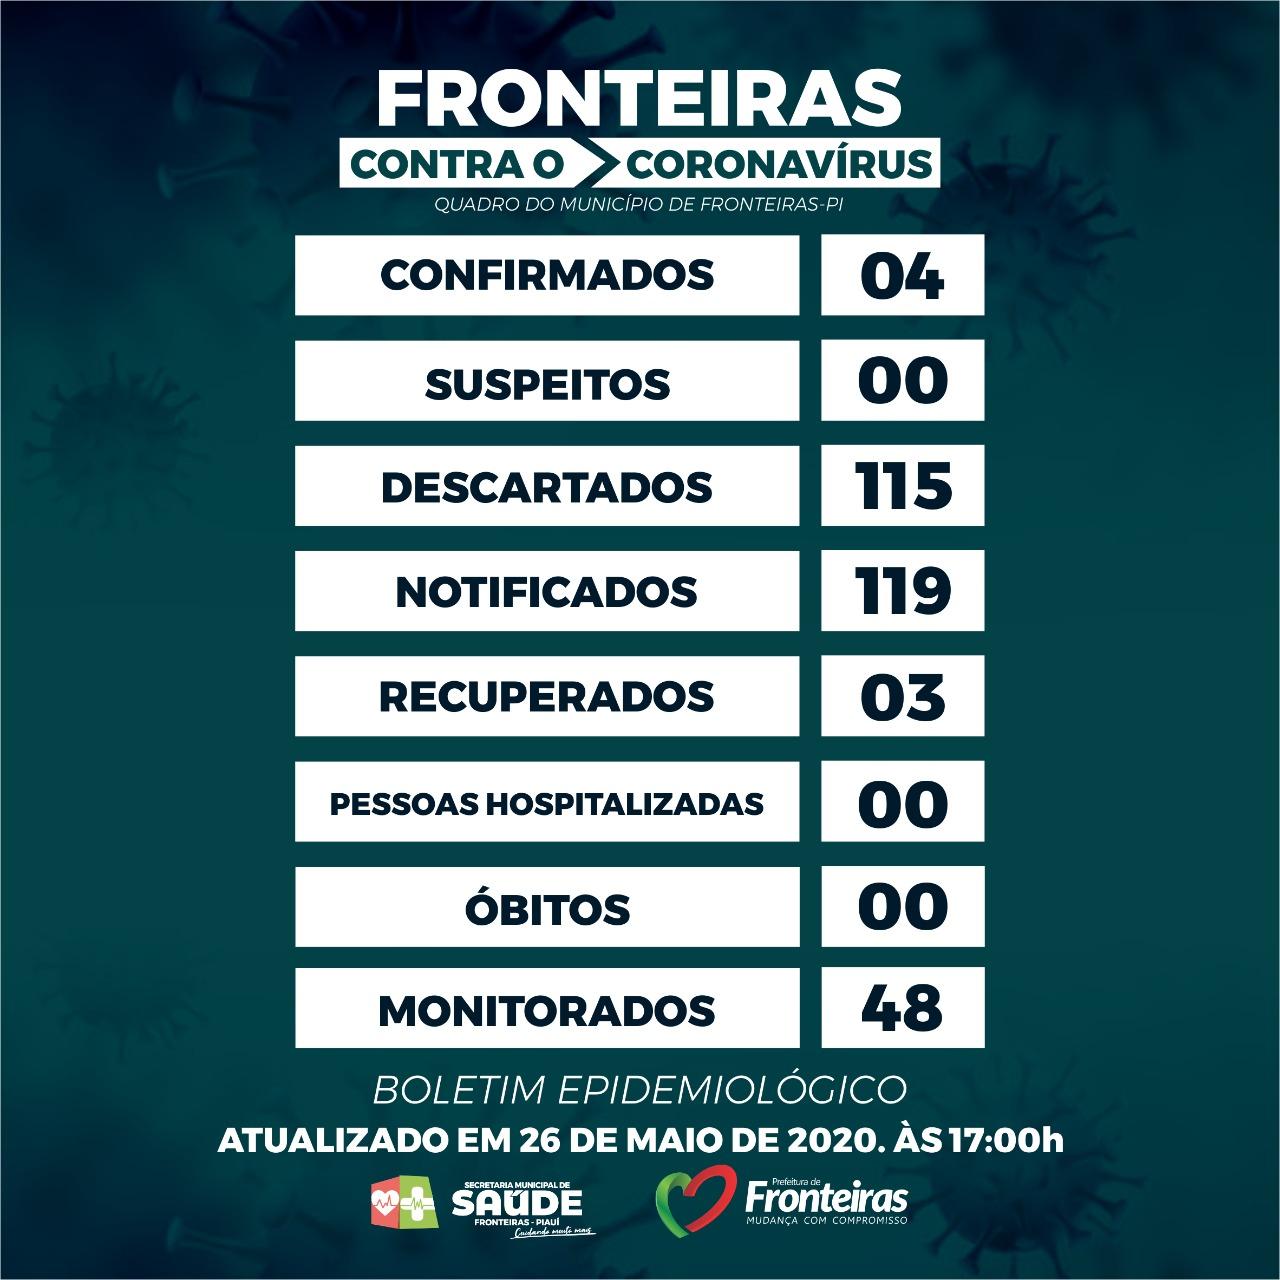 FRONTEIRAS(PI) - BOLETIM EPIDEMIOLÓGICO DE 26/05/2020